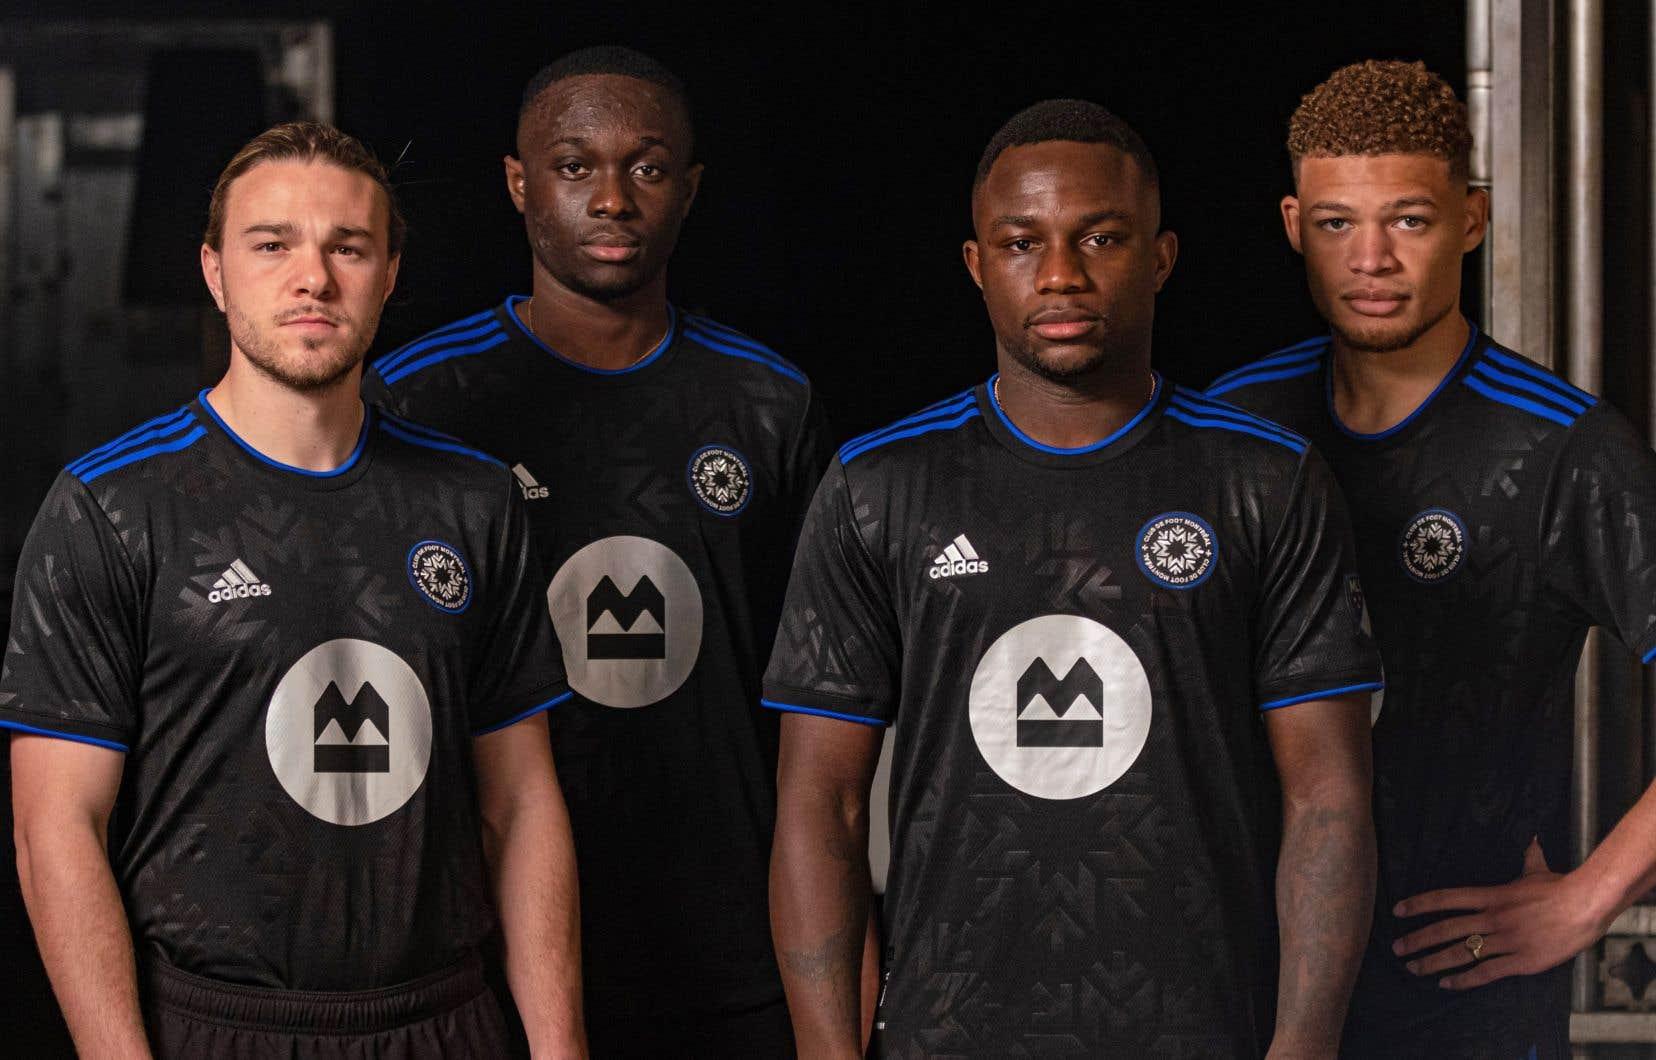 Le maillot noir est agrémenté de trois lignes bleues qui vont du col aux manches, ainsi que d'une bordure bleue autour du col et des manches.